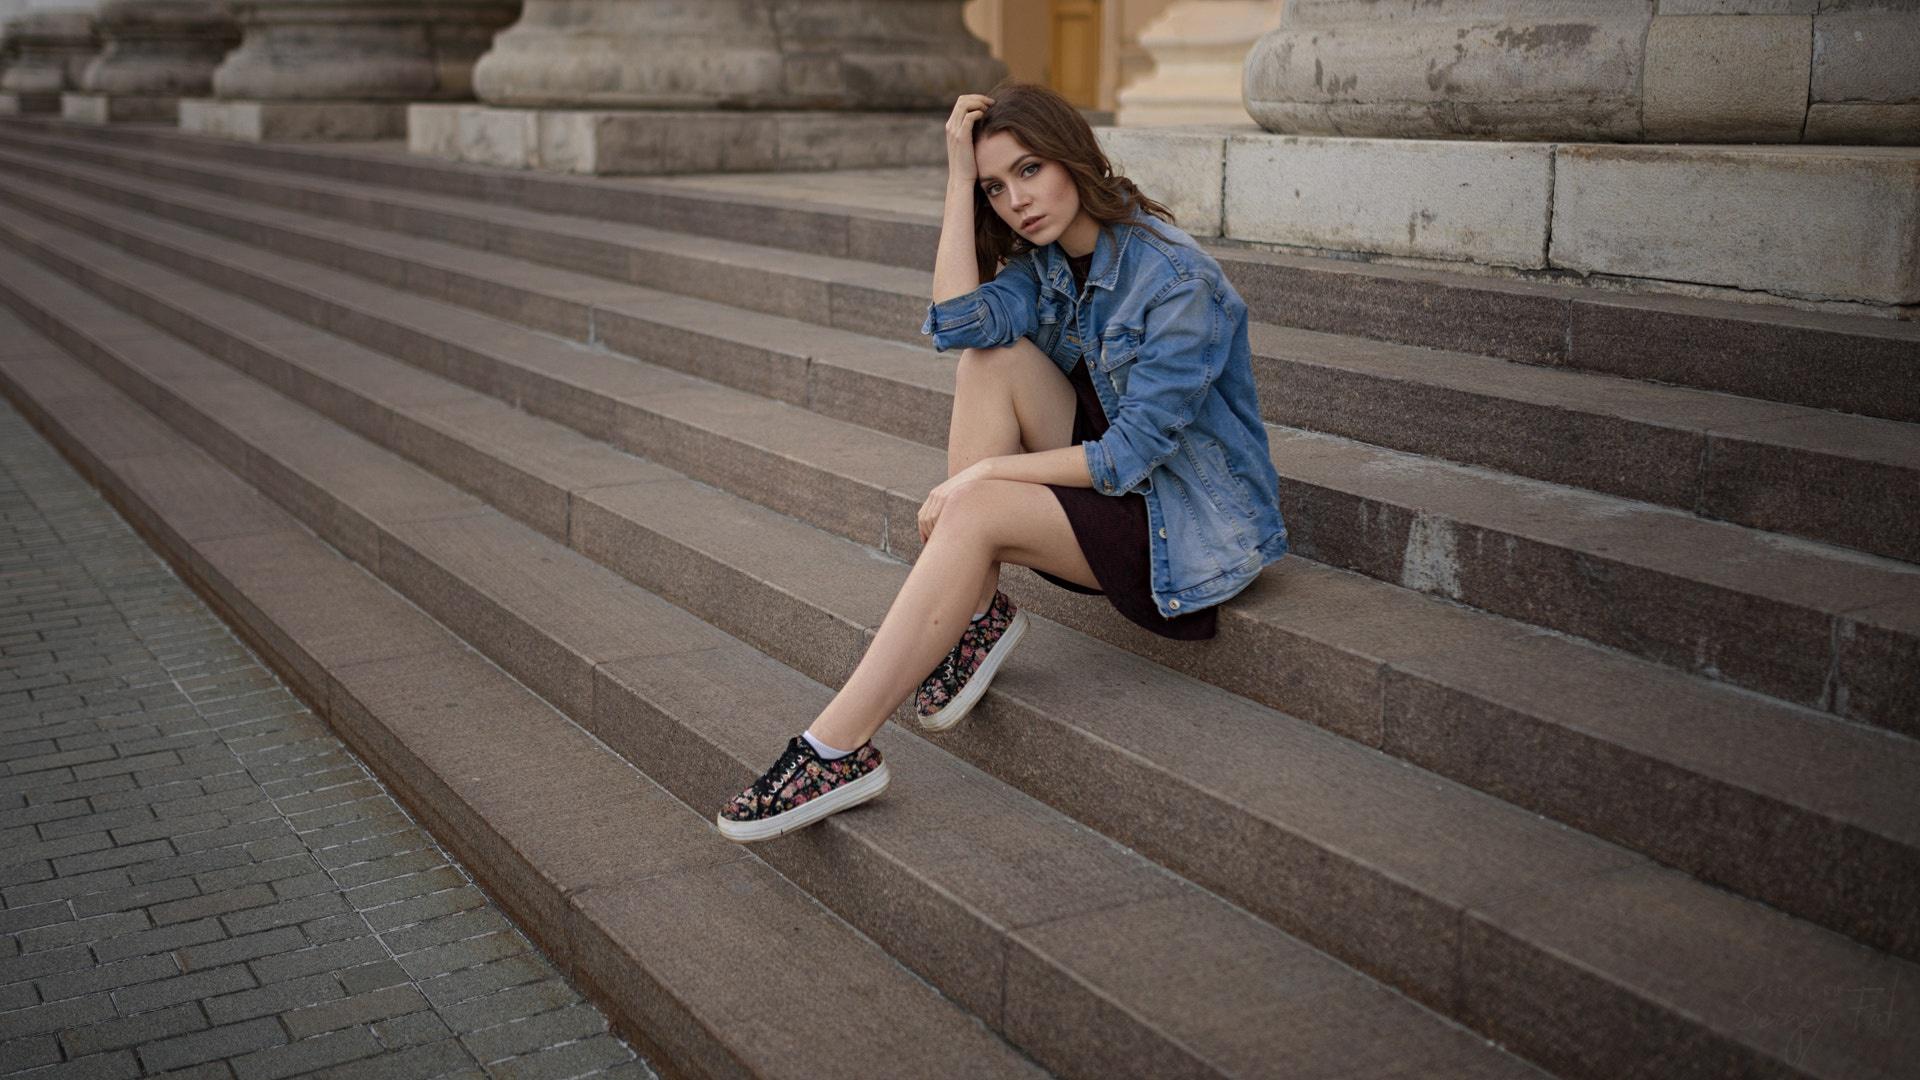 Трахнул на ступеньках, Мимолетный секс на лестнице » Порно онлайн в хорошем 14 фотография